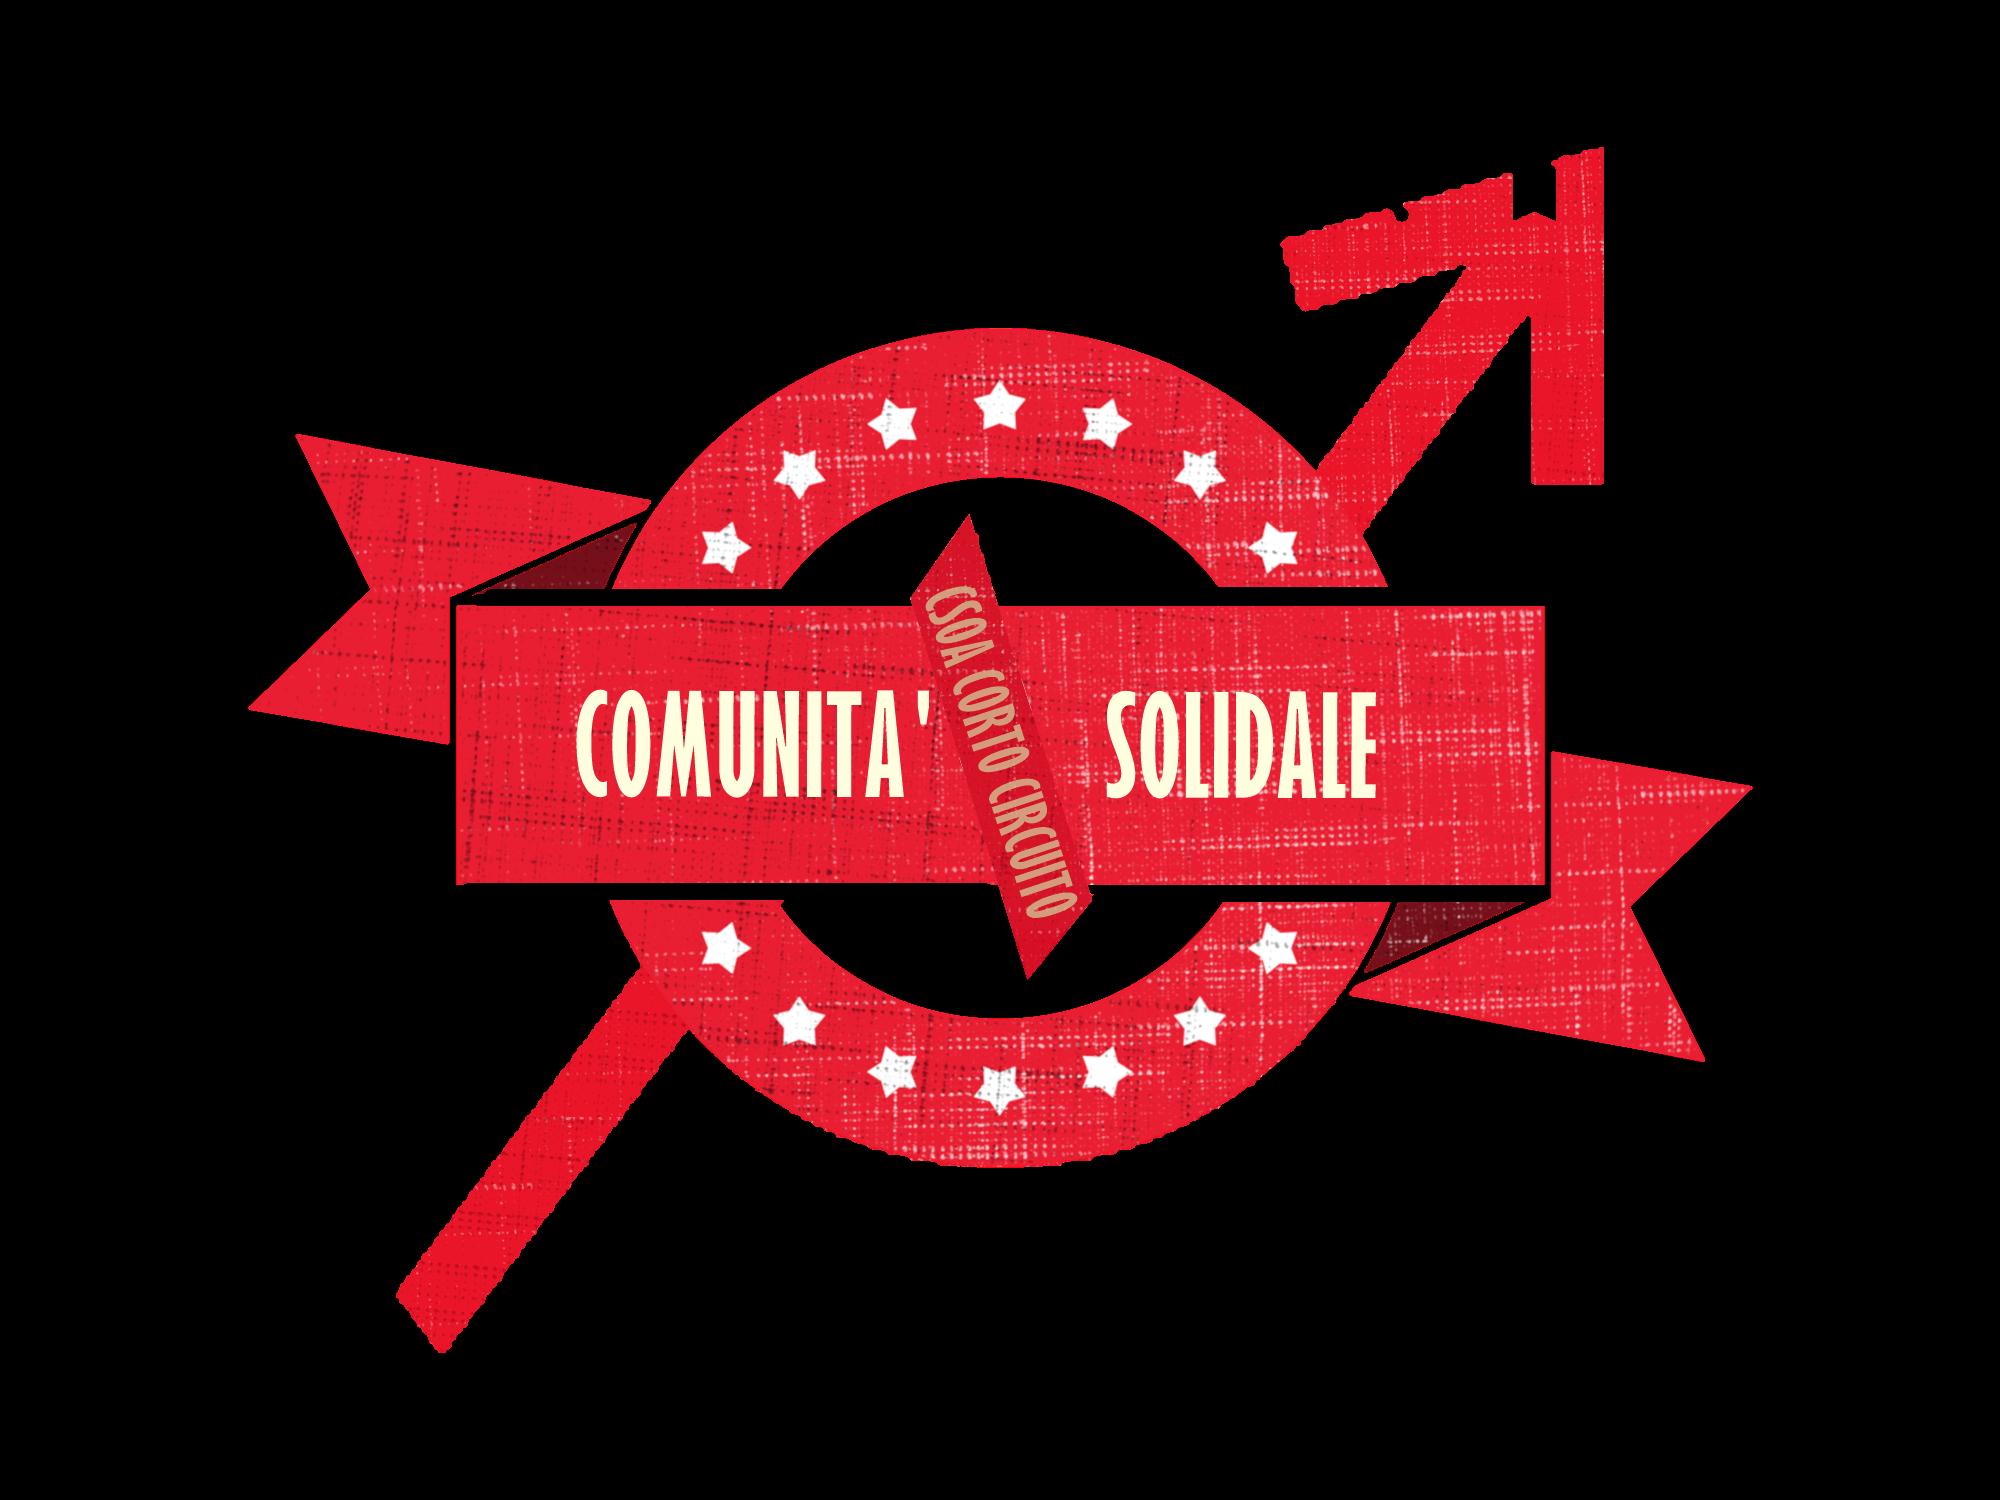 CROWDFUNDING – COMUNITA' SOLIDALE